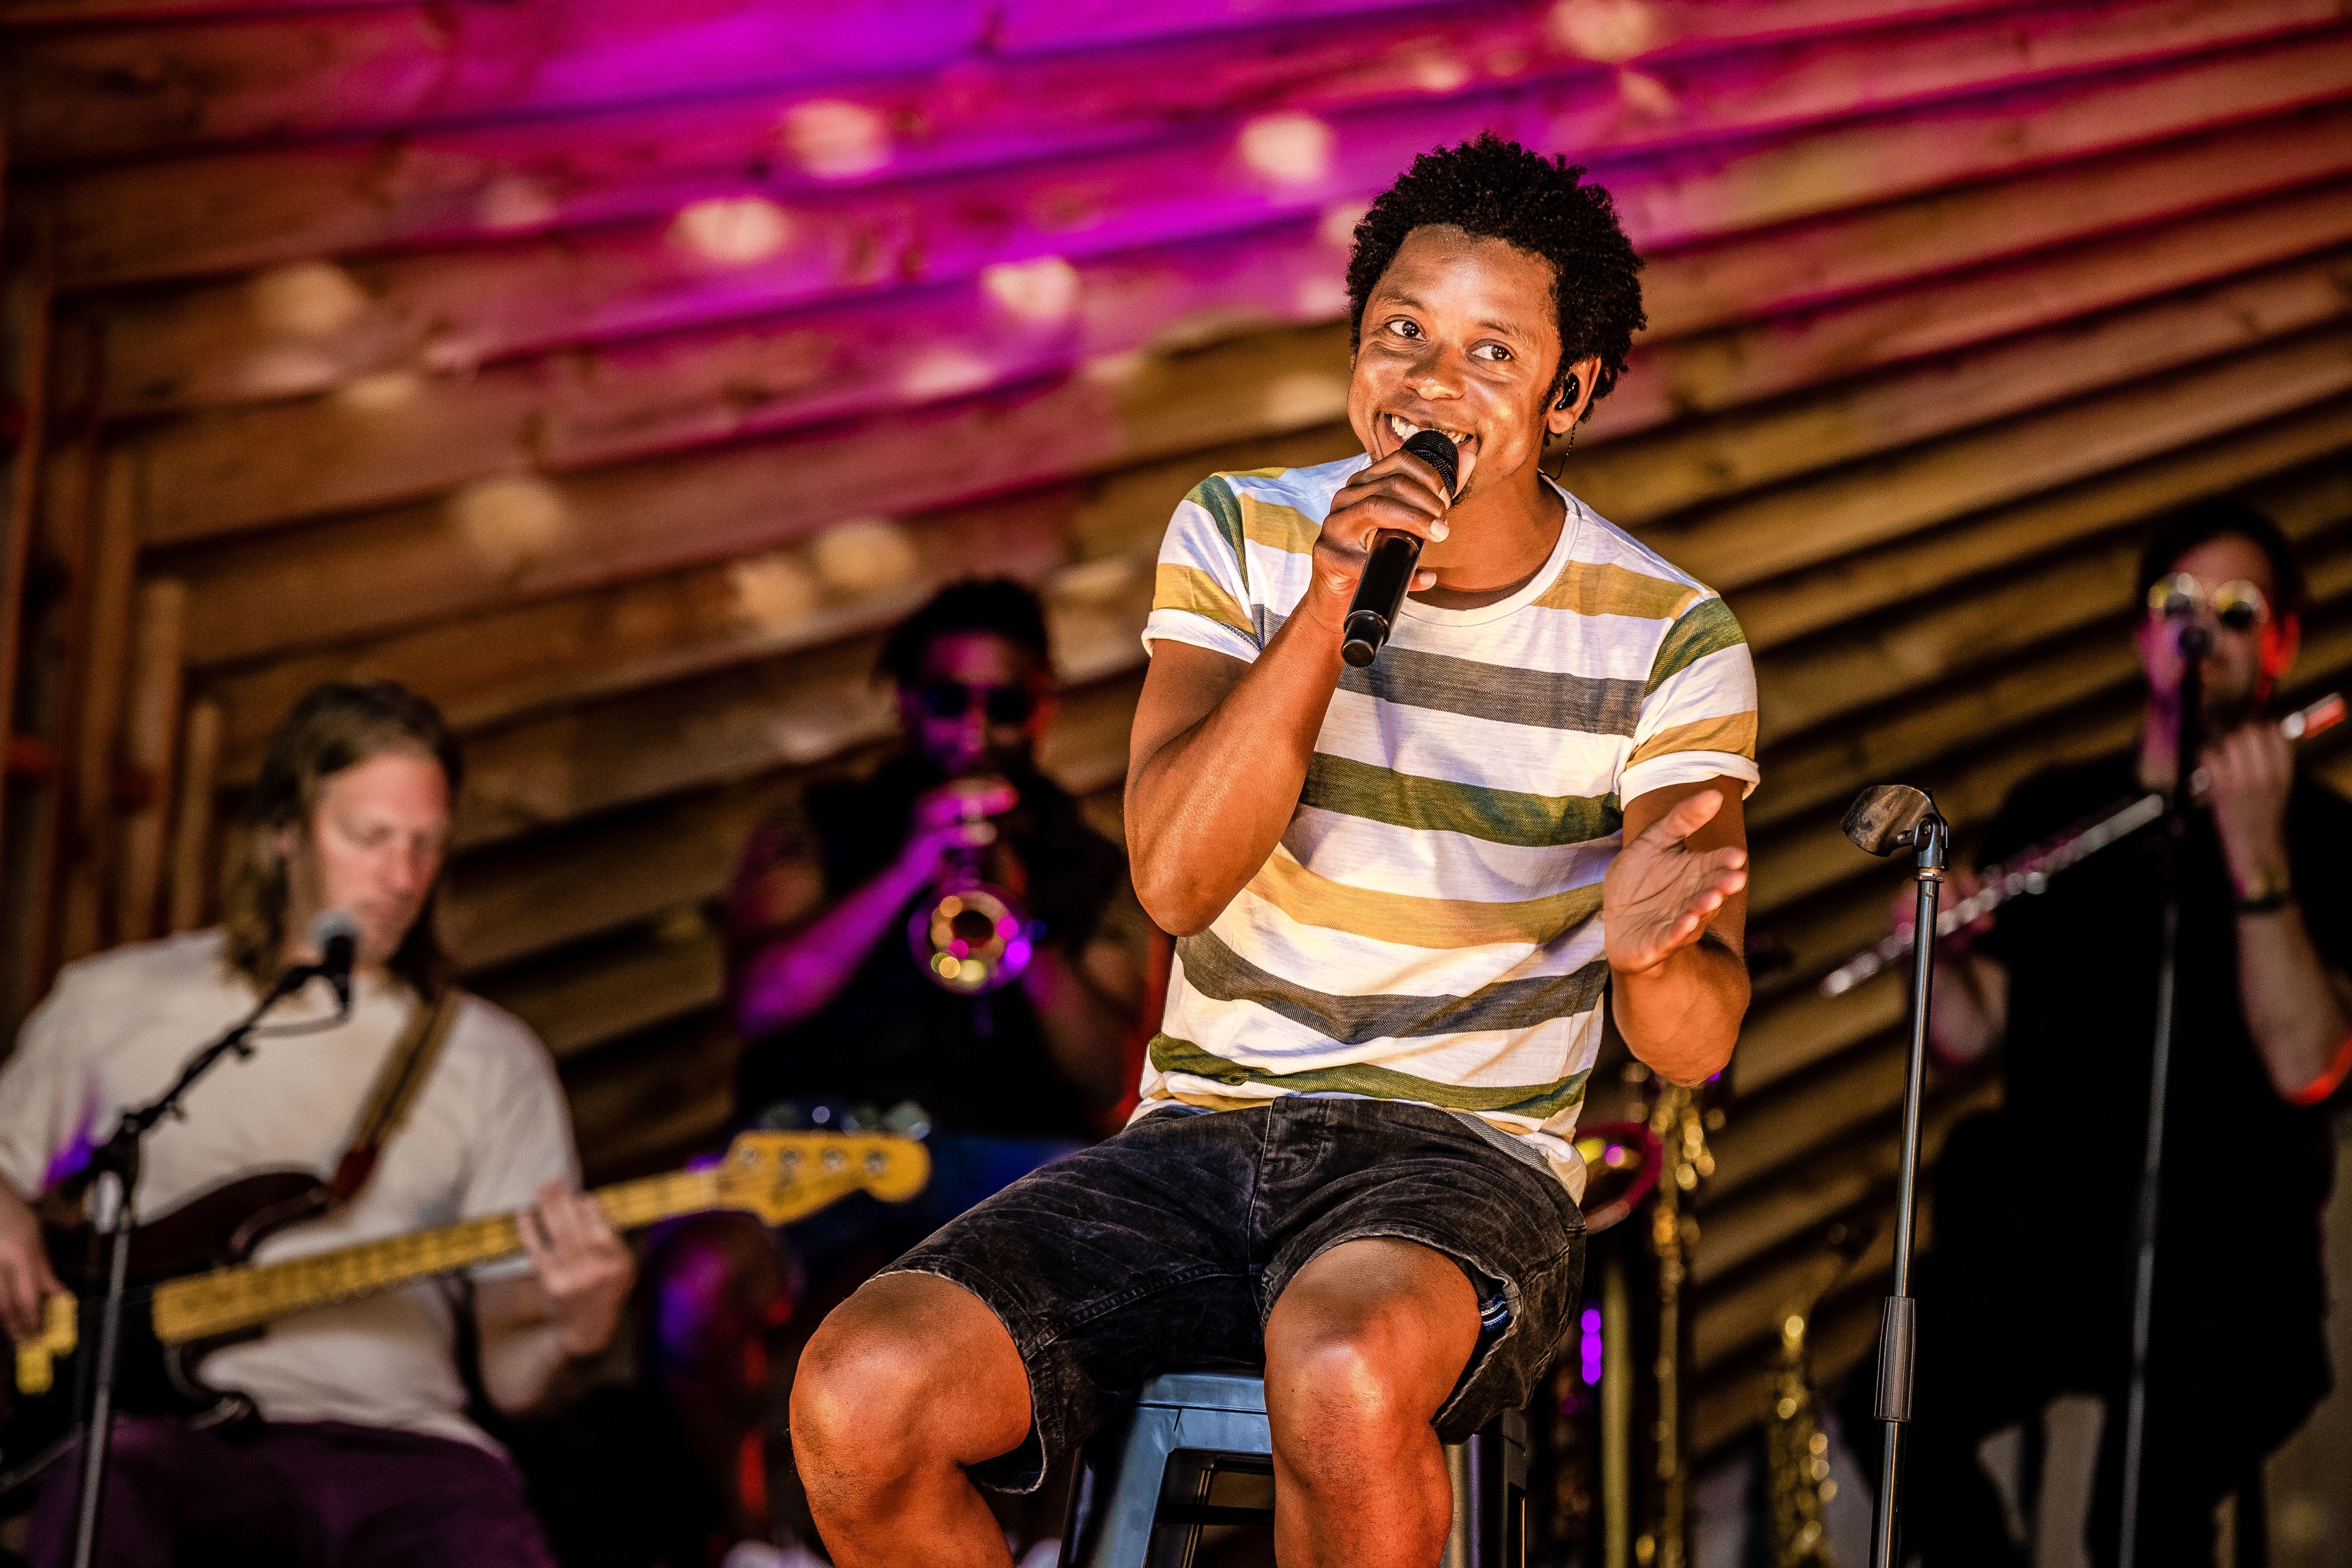 Typhoon zingt op het podium tijdens zijn openluchtconcert